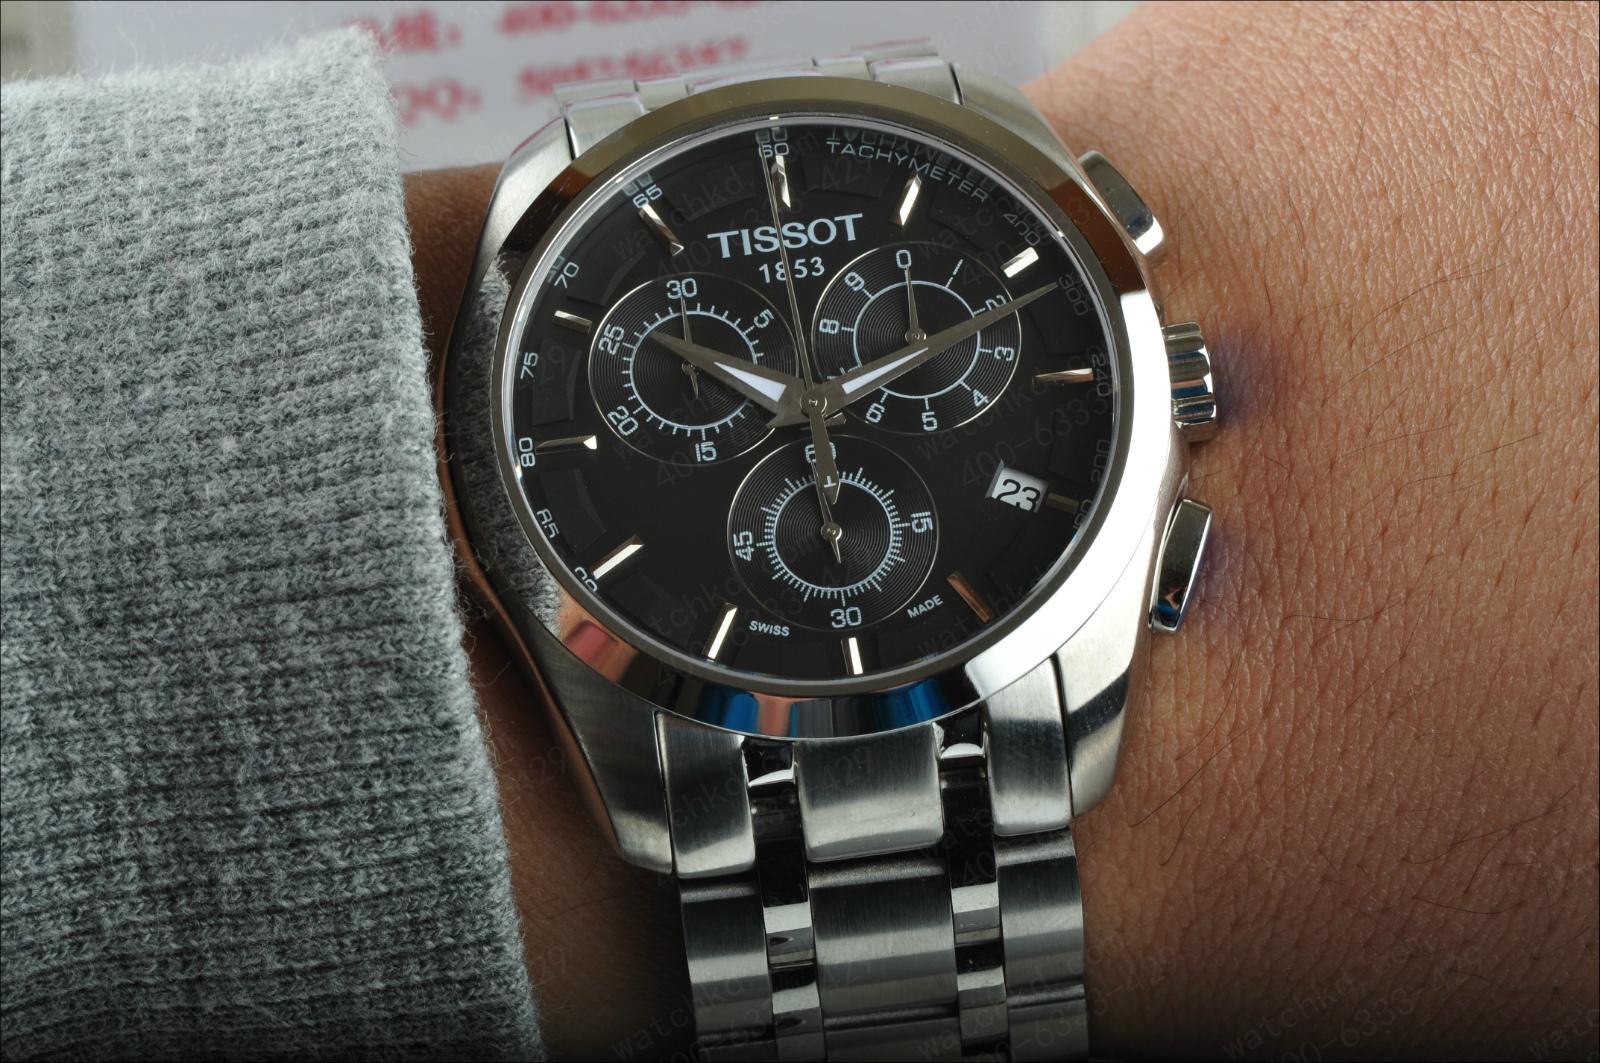 Đồng hồ Tissot 1853 T035.617.11.051.00 tinh tế thanh lịch